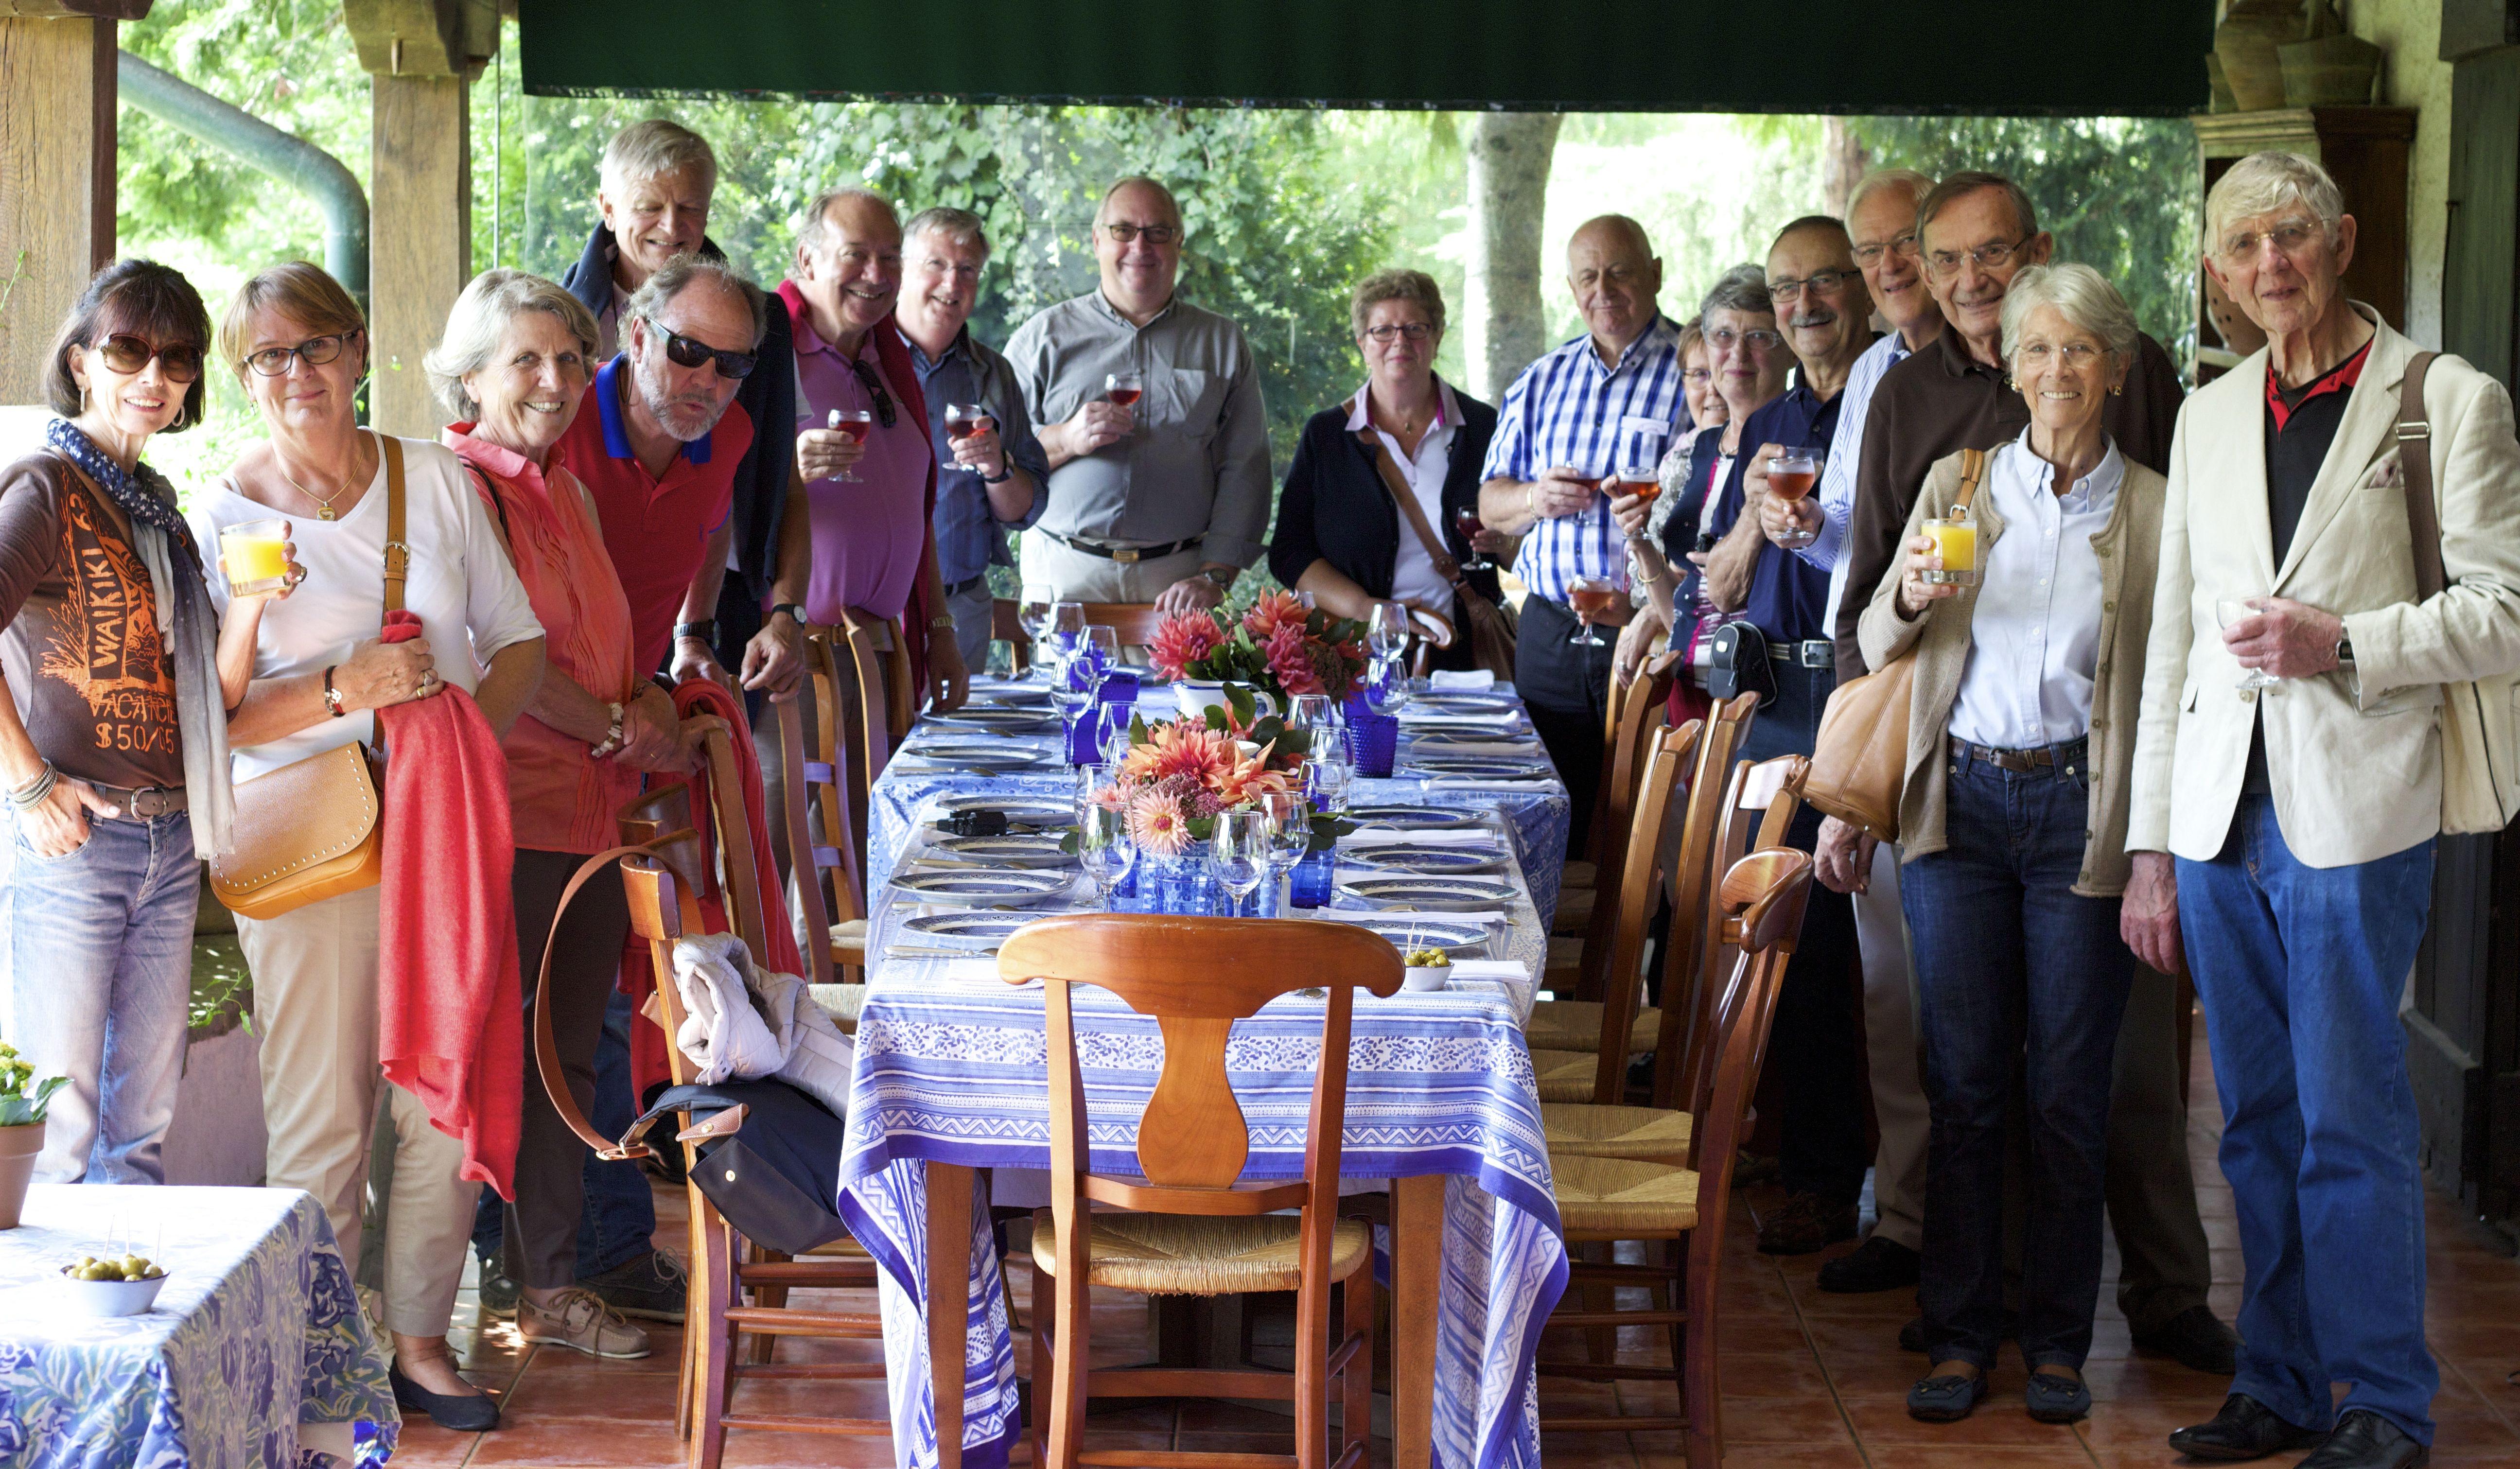 seminaire-entreprise-dejeuner-gastronomique-pays-basque-le-cercle-piment-espelette